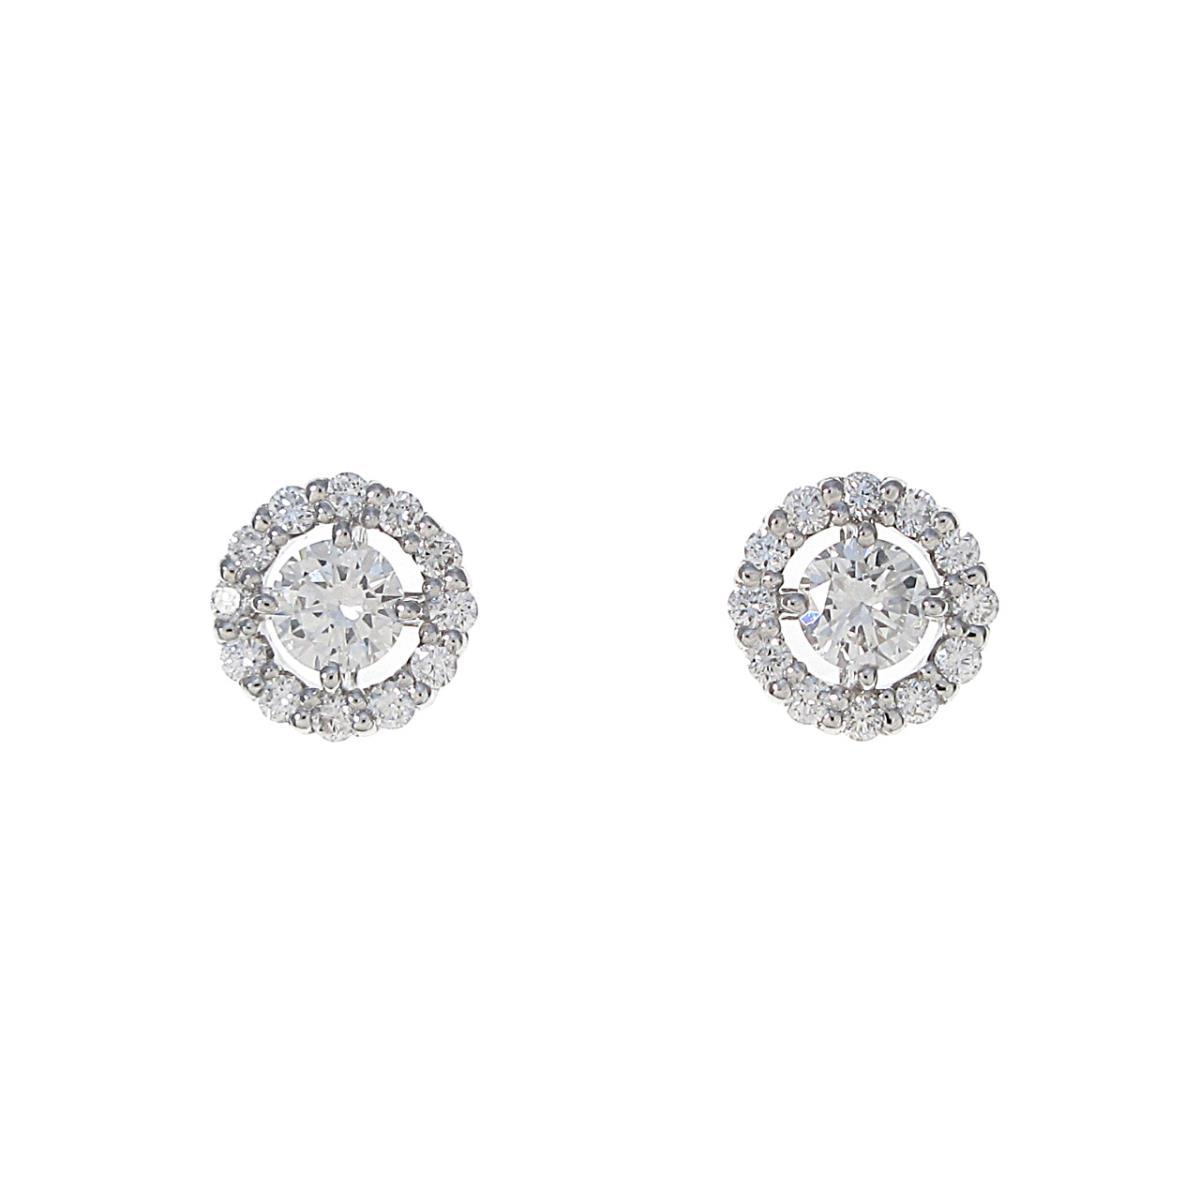 【新品】プラチナ ダイヤモンドピアス 0.209ct・0.200ct・G・VS1・GOOD【新品】